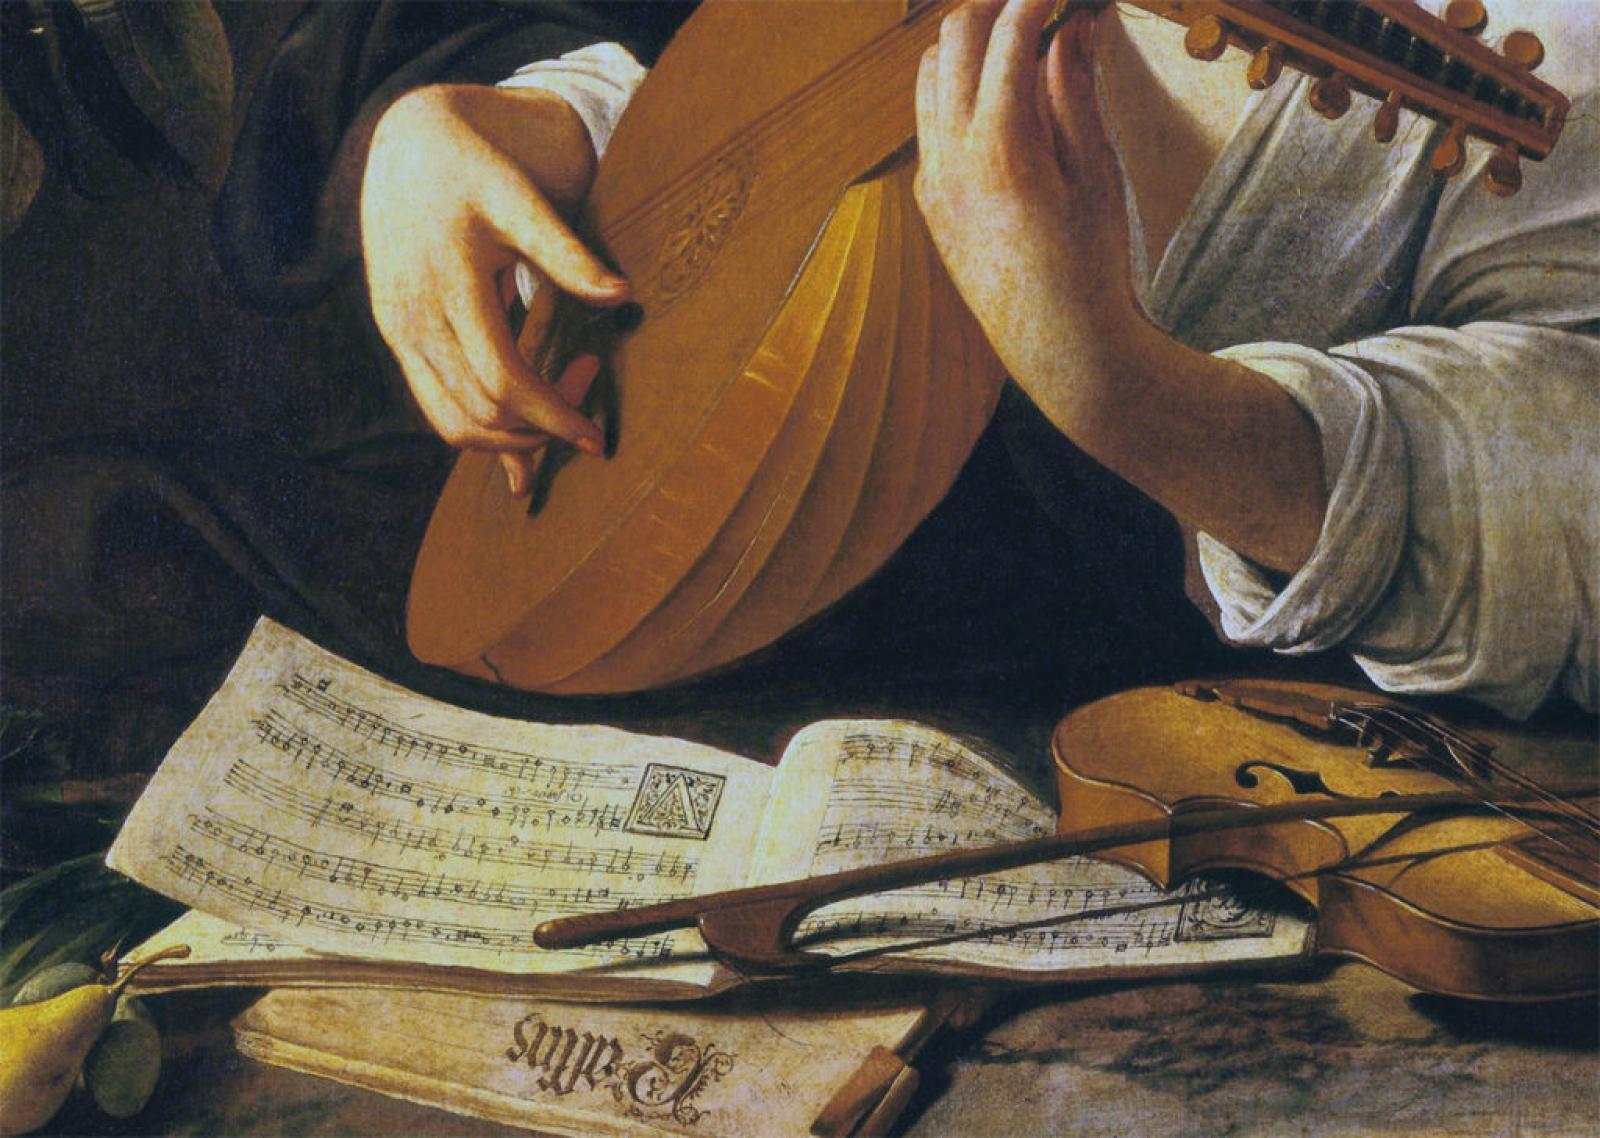 Suonatore di liuto Caravaggio, dettaglio partiture